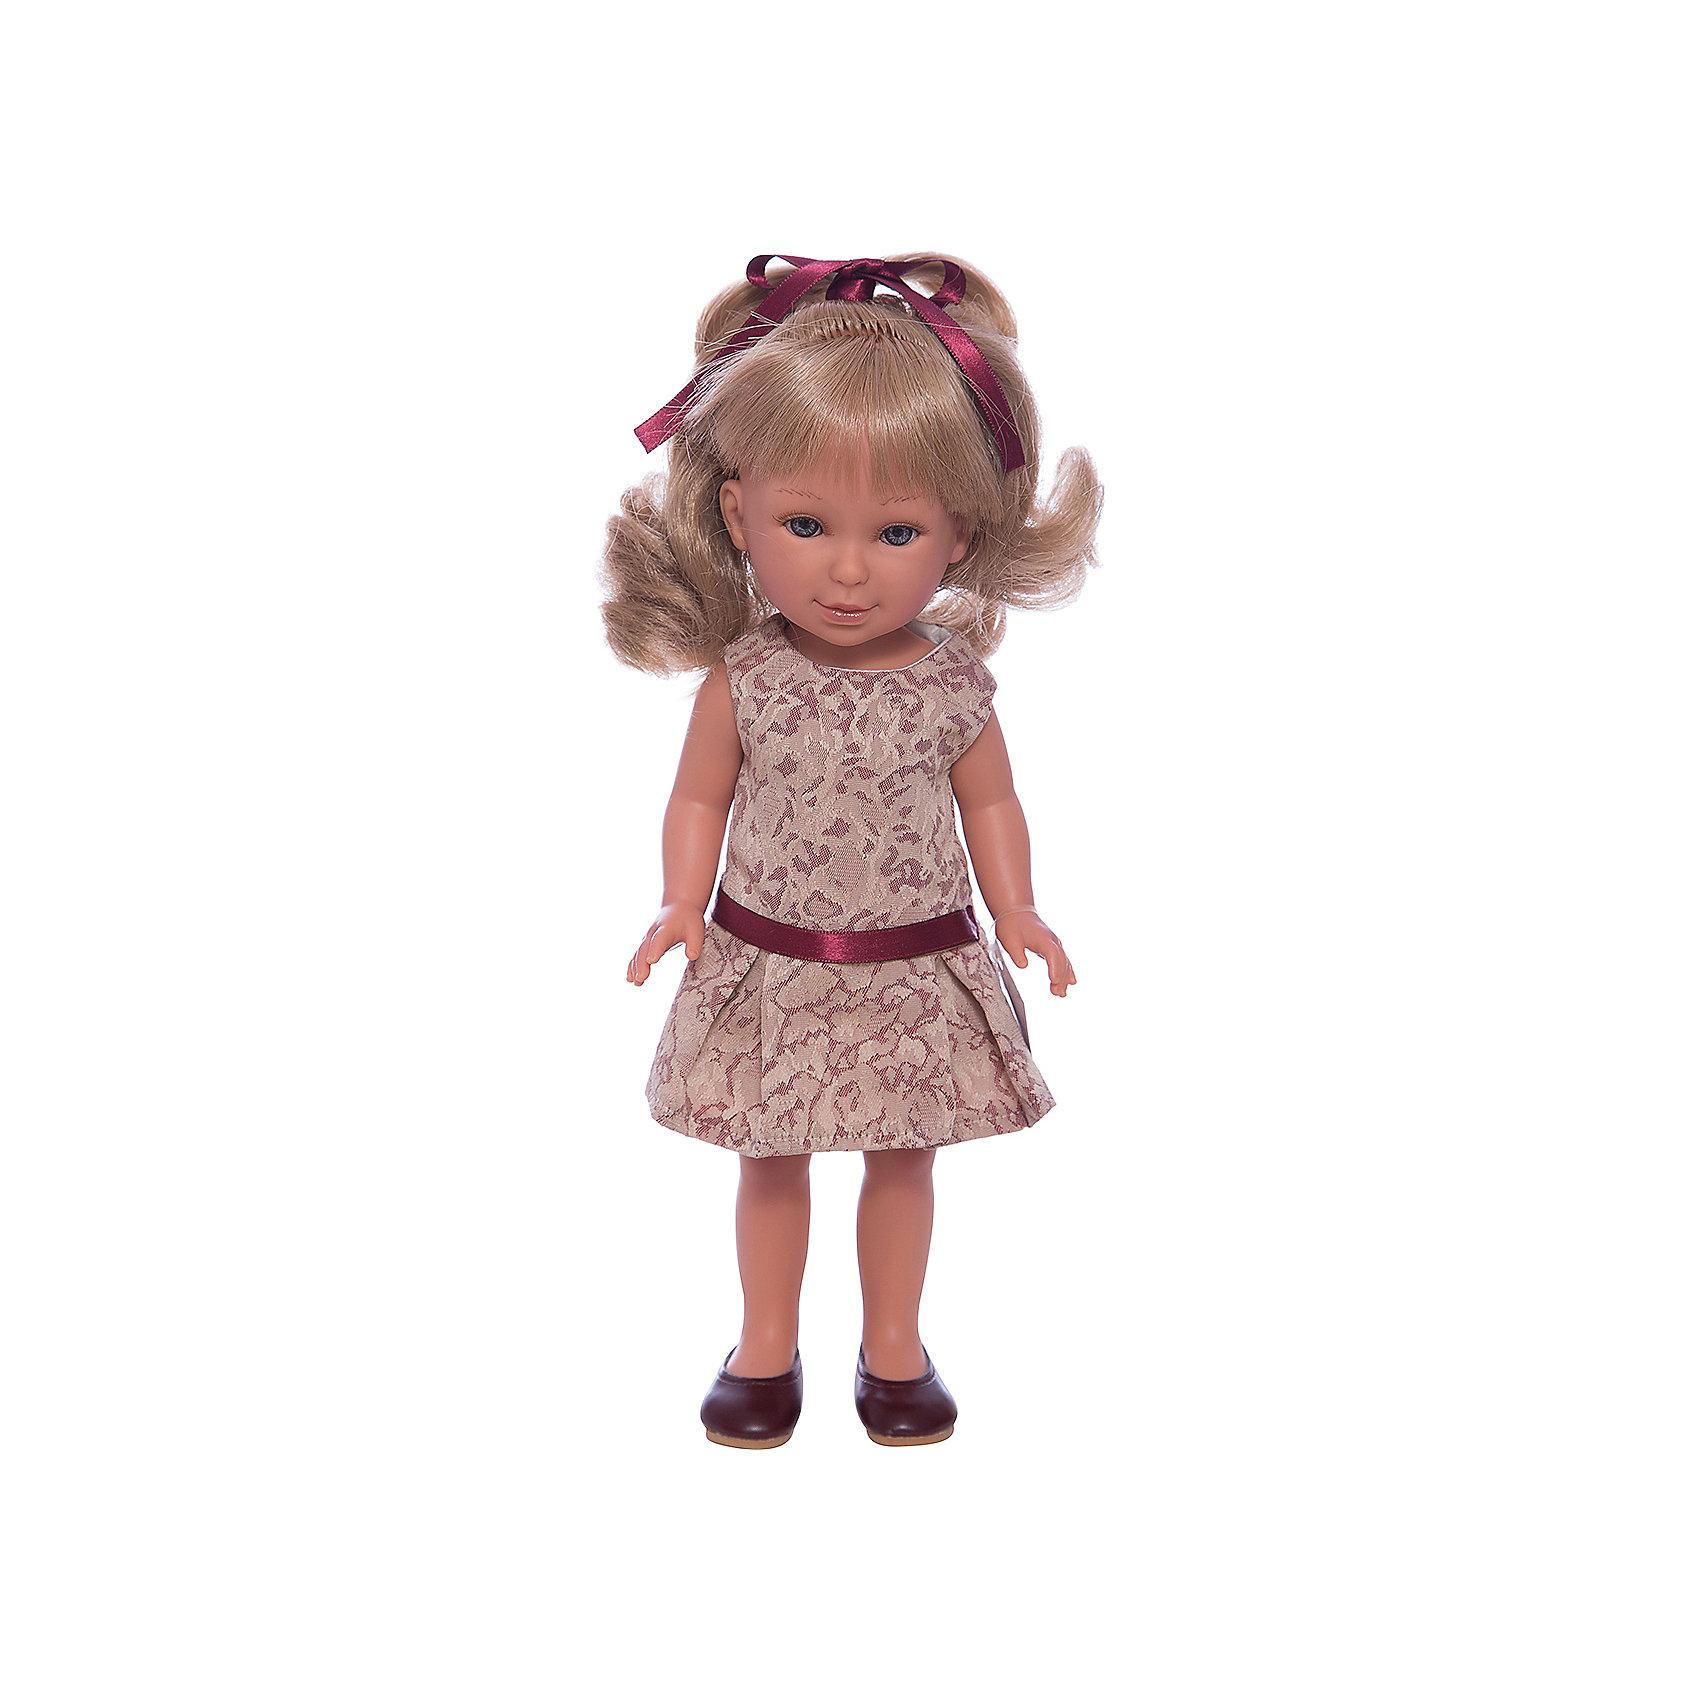 Кукла Паулина, блондинка волнистые волосы, Лето Классика, Vestida de AzulКлассические куклы<br>1. Изящная светловолосая красавица Паулина в модном наряде: симпатичное платье с узором и шоколадные туфли. Элегантный летний образ в классическом стиле поможет сформировать вкус ребенка.<br>2. Личико Паулины очень милое: щечки с легким румянцем, слегка вздернутый носик, пухлые губки и выразительные глаза с длинными ресницами, наклеенными вручную, которые выглядят как настоящие.<br>3. Длинные волнистые волосы куклы густо прошиты и напоминают натуральные. Челка прошита отдельно, а значит всегда будет красиво уложенной. <br>4. Кукла высоко детализирована: очень четко очерченные пальчики, складочки, румянец на щечках, коленках и локтях.<br>5. Кукла изготовлена из плотного гипоаллергенного винила без ароматизаторов, и умеет стоять без поддержи.<br>6. Подвижные руки, ноги и голова для незабываемой реалистичной игры.<br>7. Рост куклы - 33 см.<br><br>Ширина мм: 225<br>Глубина мм: 105<br>Высота мм: 405<br>Вес г: 700<br>Возраст от месяцев: 36<br>Возраст до месяцев: 2147483647<br>Пол: Женский<br>Возраст: Детский<br>SKU: 6844339